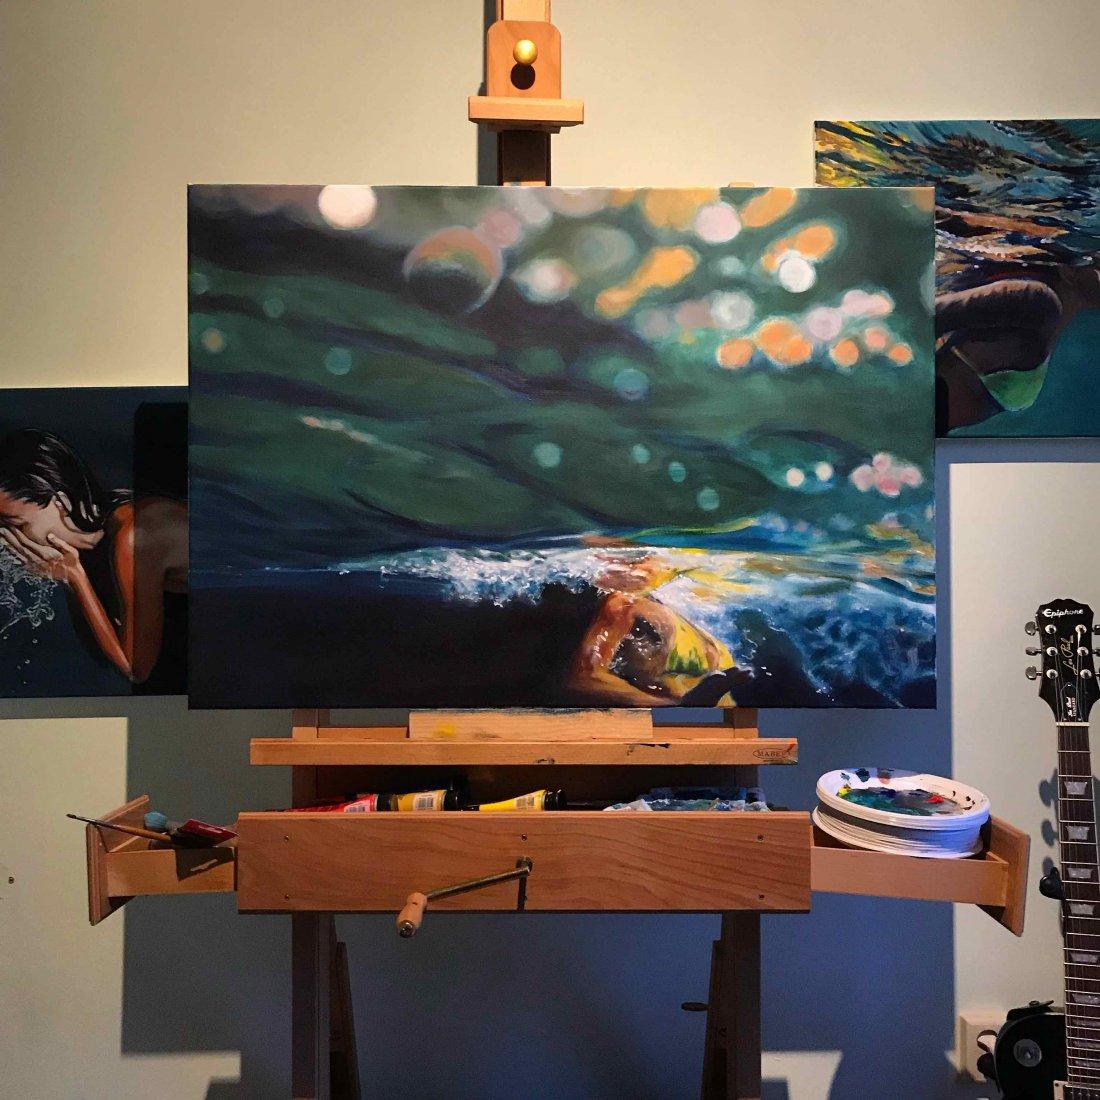 bumblebee-antoinerenault-art-saatchiart-6